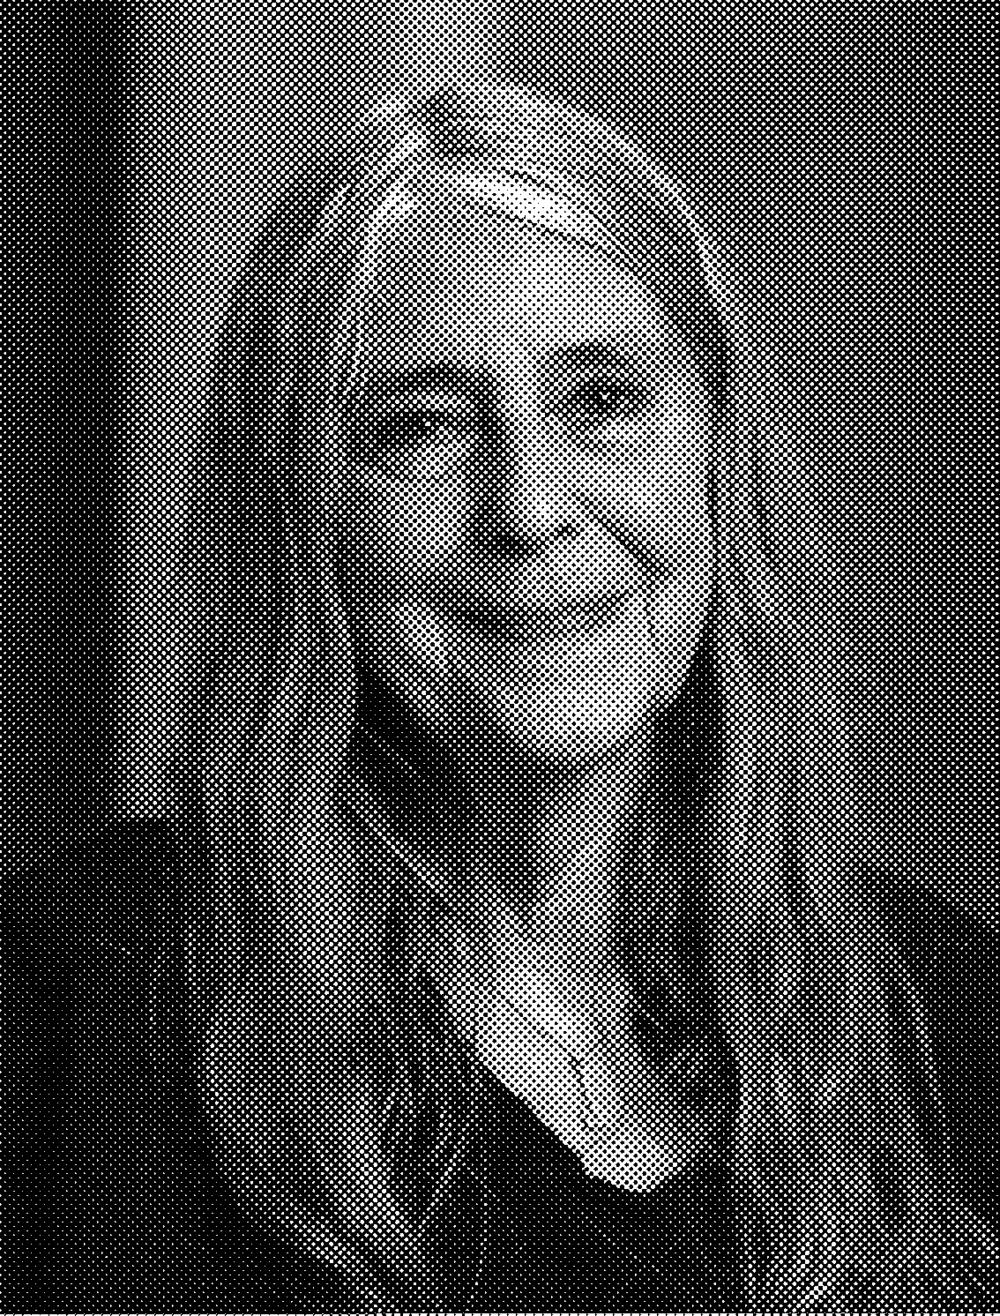 """Margaret Hamilton  ( 17 de agosto  de  1936 ) es una  científica computacional ,  matemática  e  ingeniera de sistemas .  Fue directora de la División de Ingeniería de Software del Laboratorio de Instrumentación del  MIT , donde con su equipo desarrolló el software de navegación """"on-board"""" para el  Programa Espacial Apolo . En 1986, se convirtió en la fundadora y CEO de Hamilton Technologies, Inc. en  Cambridge, Massachusetts . La compañía se desarrolló alrededor del Lenguaje Universal de Sistemas basada en su paradigma de """"Desarrollo antes del hecho"""" (DBTF del inglés Development Before the Fact) para sistemas de diseño de software. A ella se debe no solo la denominación  ingeniería de software  (software engineering) sino también el desarrollo de toda la disciplina."""